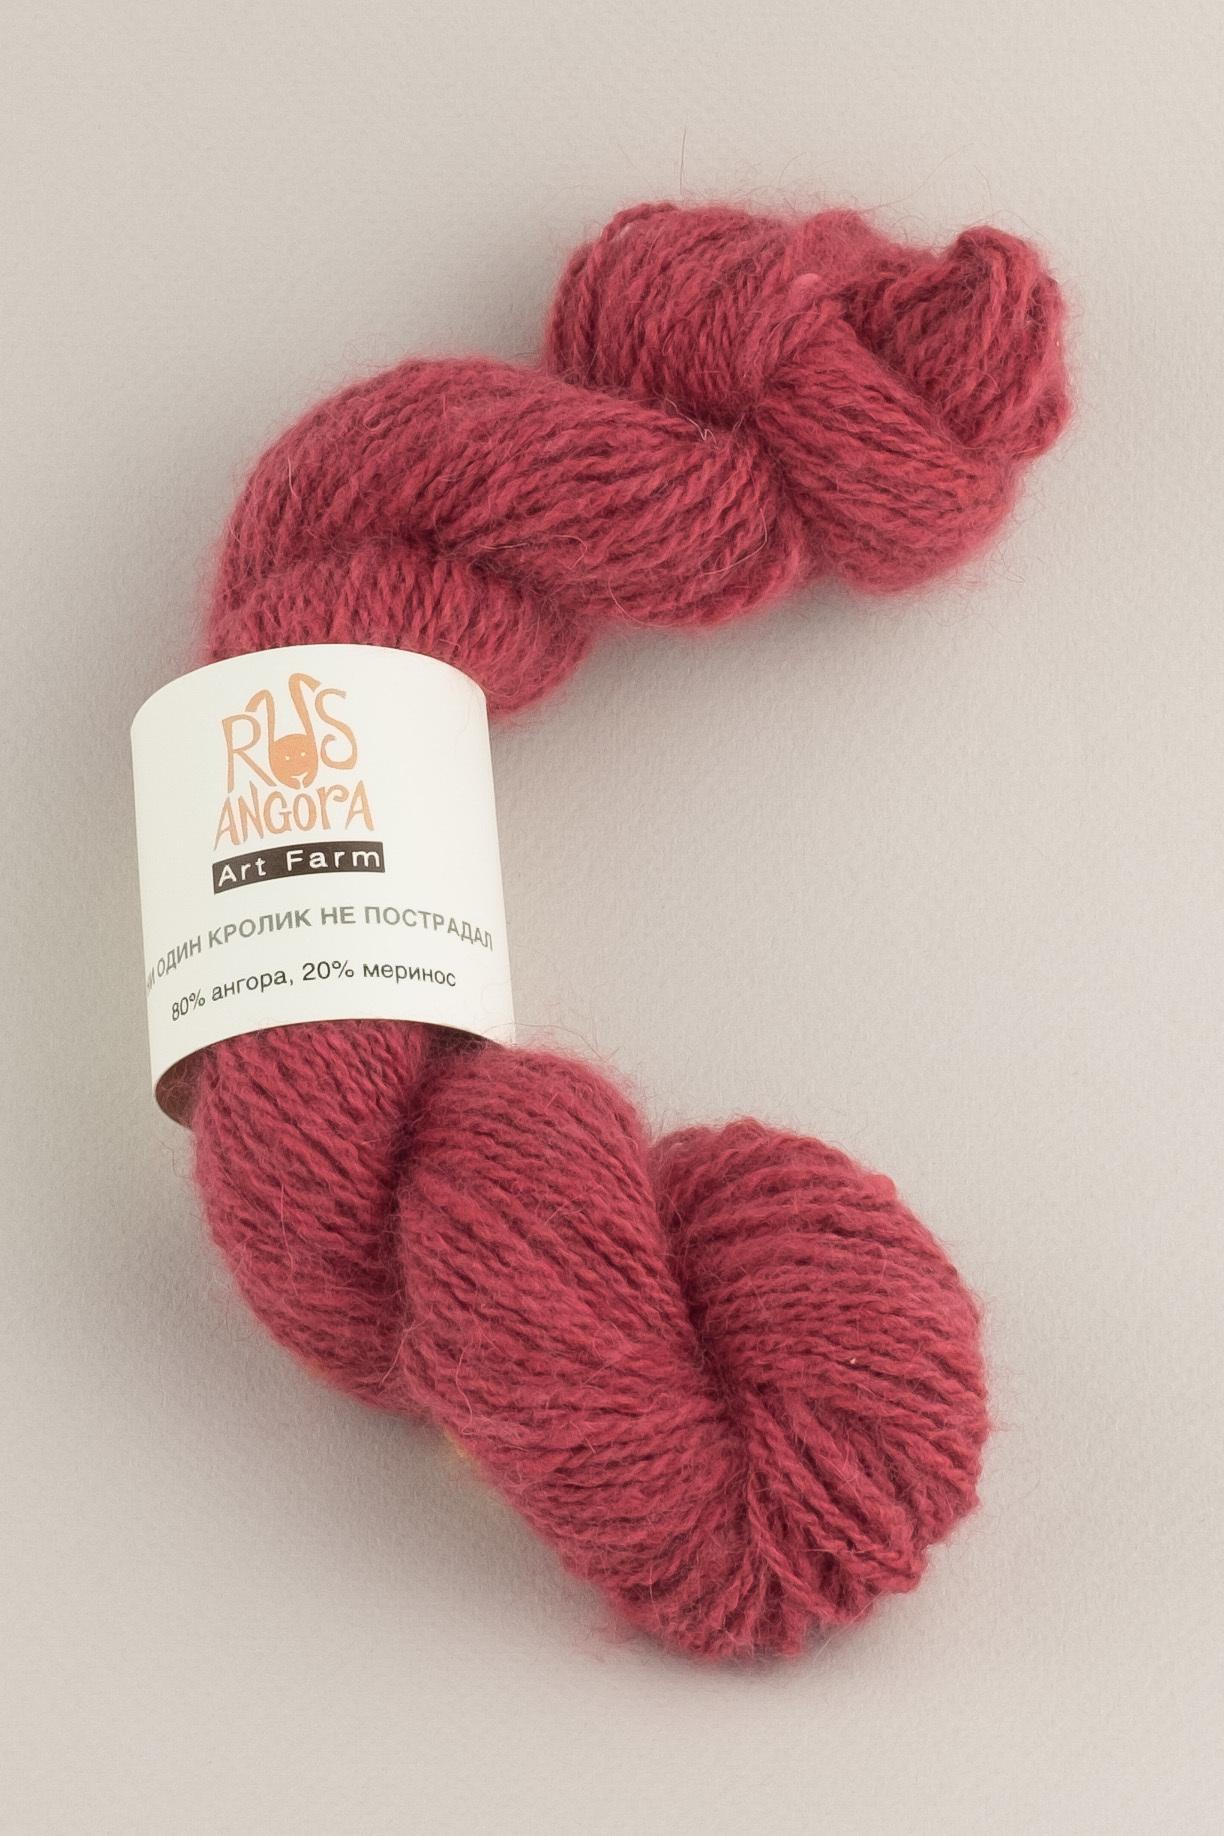 Пряжа из 100% ангоры ручной работы брусничный розовый